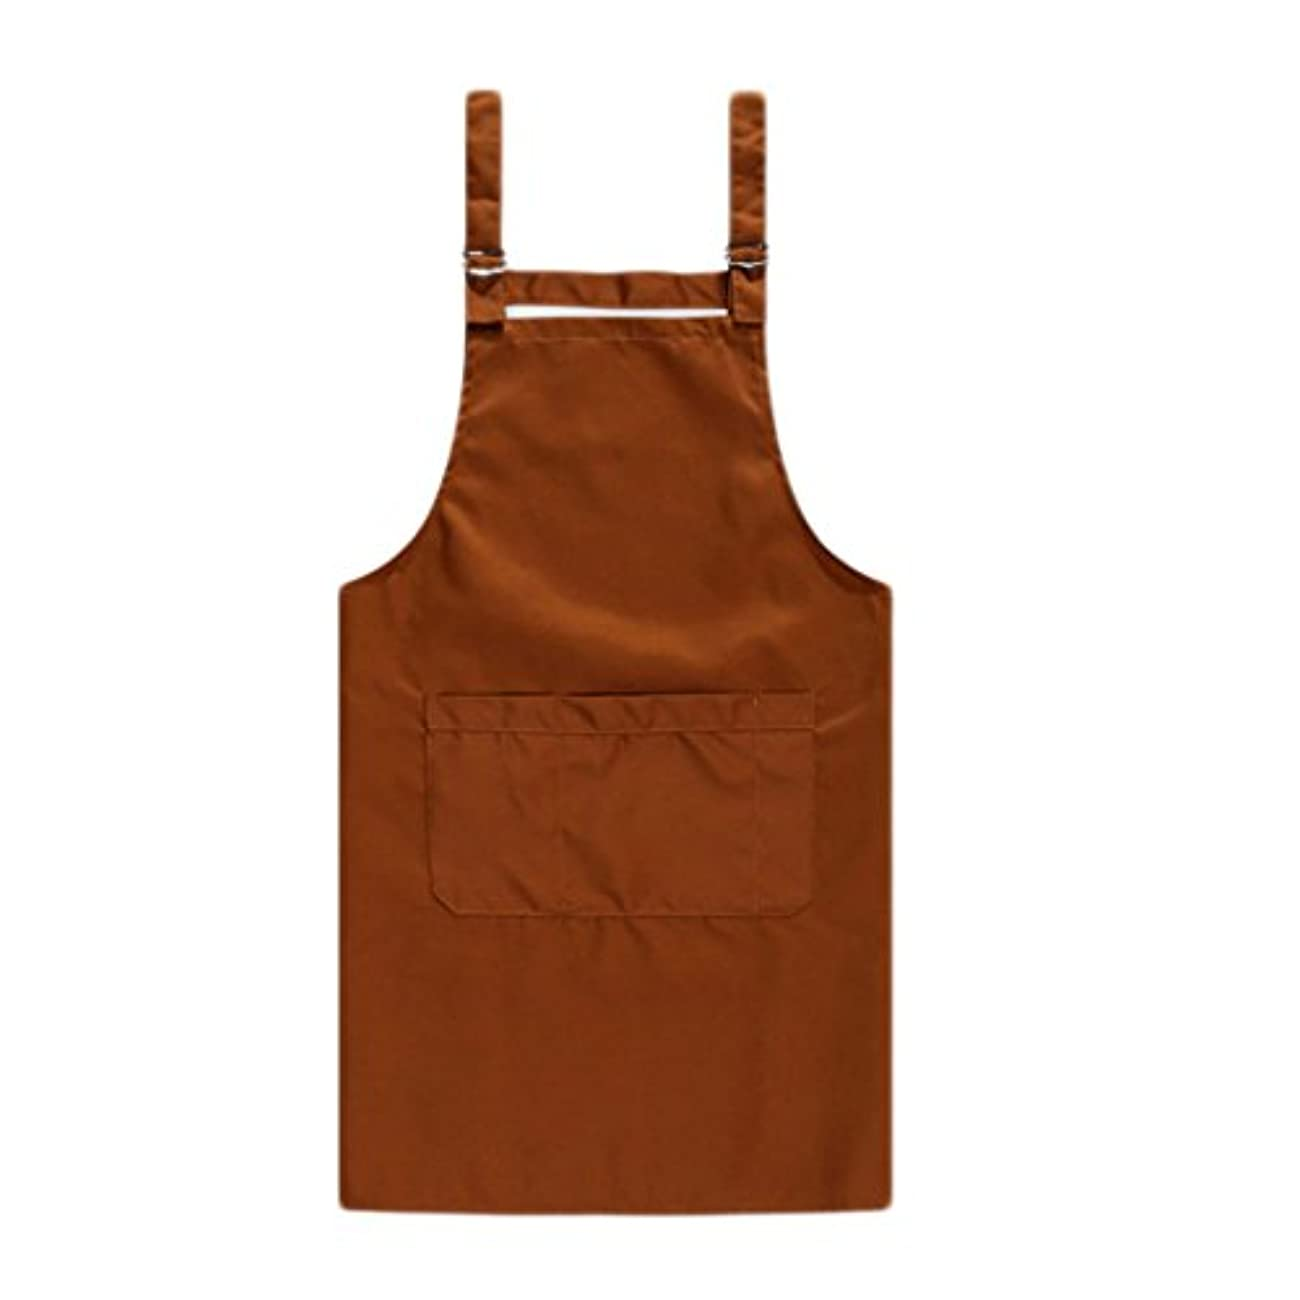 聖歌ウミウシパール全9色  エプロン  防水  H型  綿100%  男女兼用 フリーサイズ